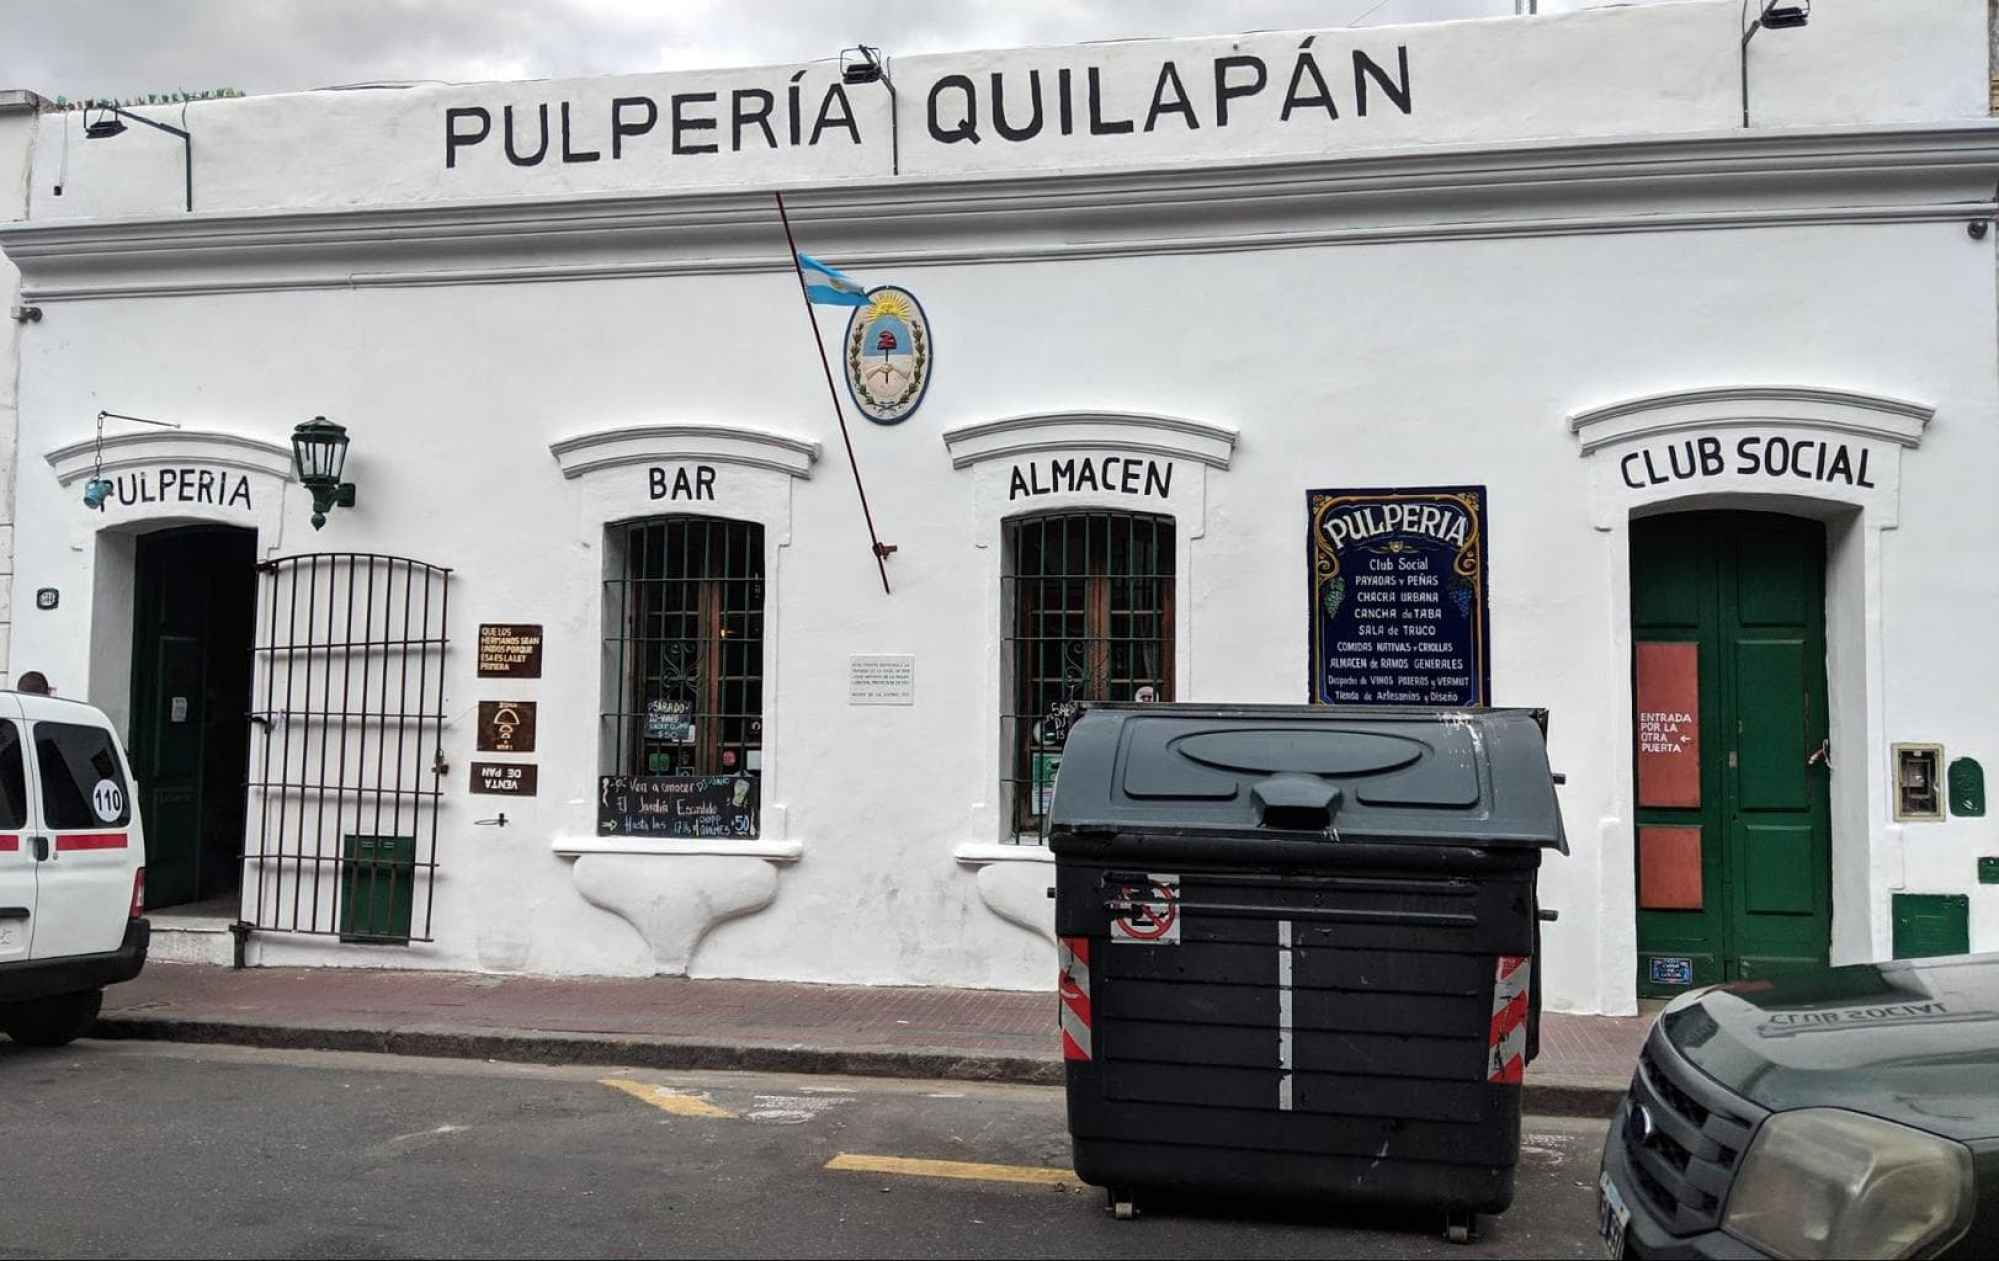 Pulperia Quilapan